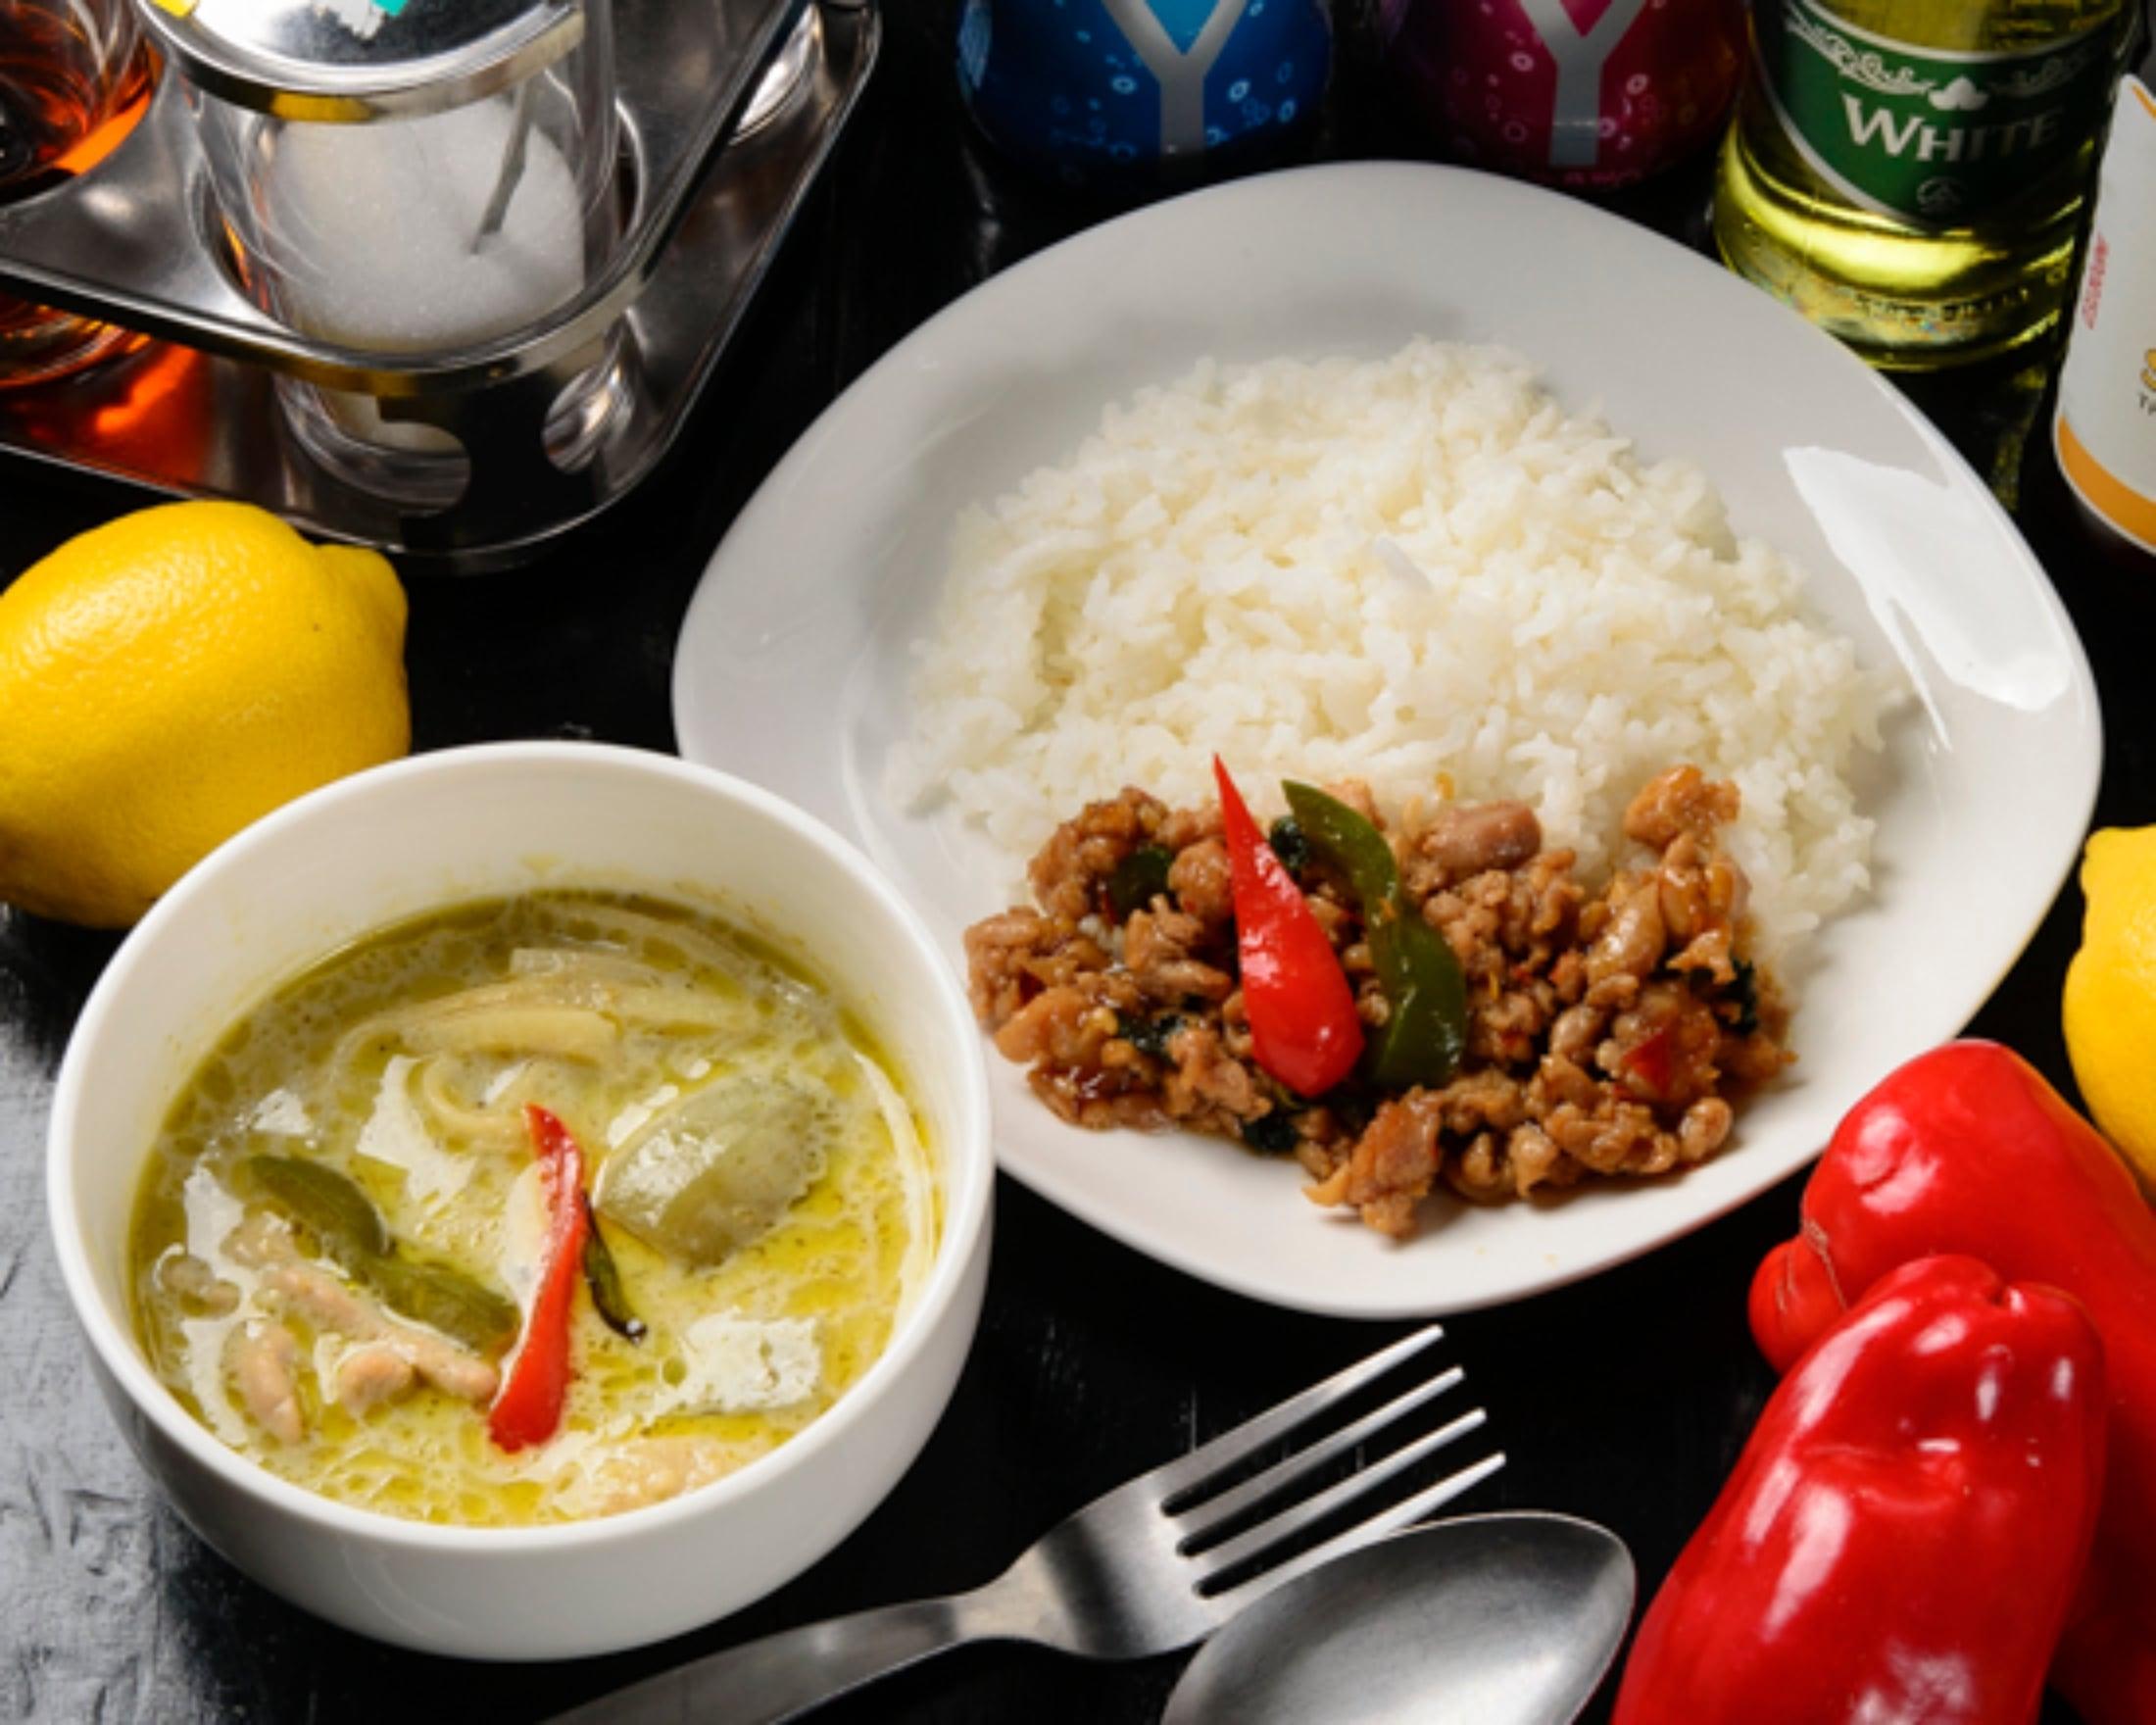 (モバイル限定)タイ料理2種弁当●グリーンカレー(ごはん無し)とガパオごはん